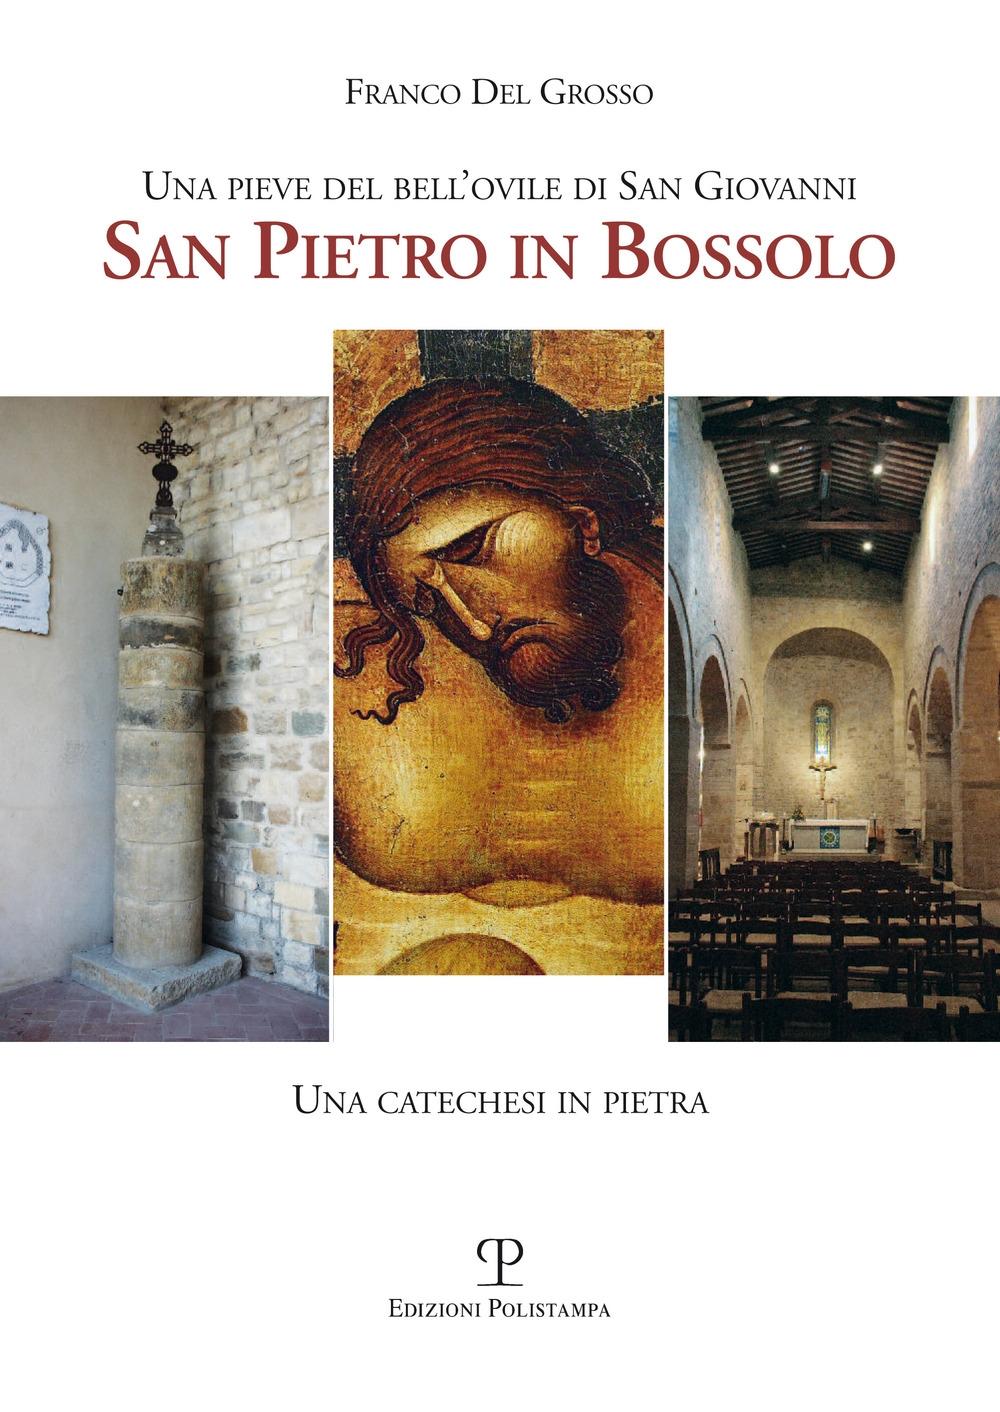 Una pieve del bell'ovile di san Giovanni. San Pietro in Bossolo. Una catechesi in pietra.